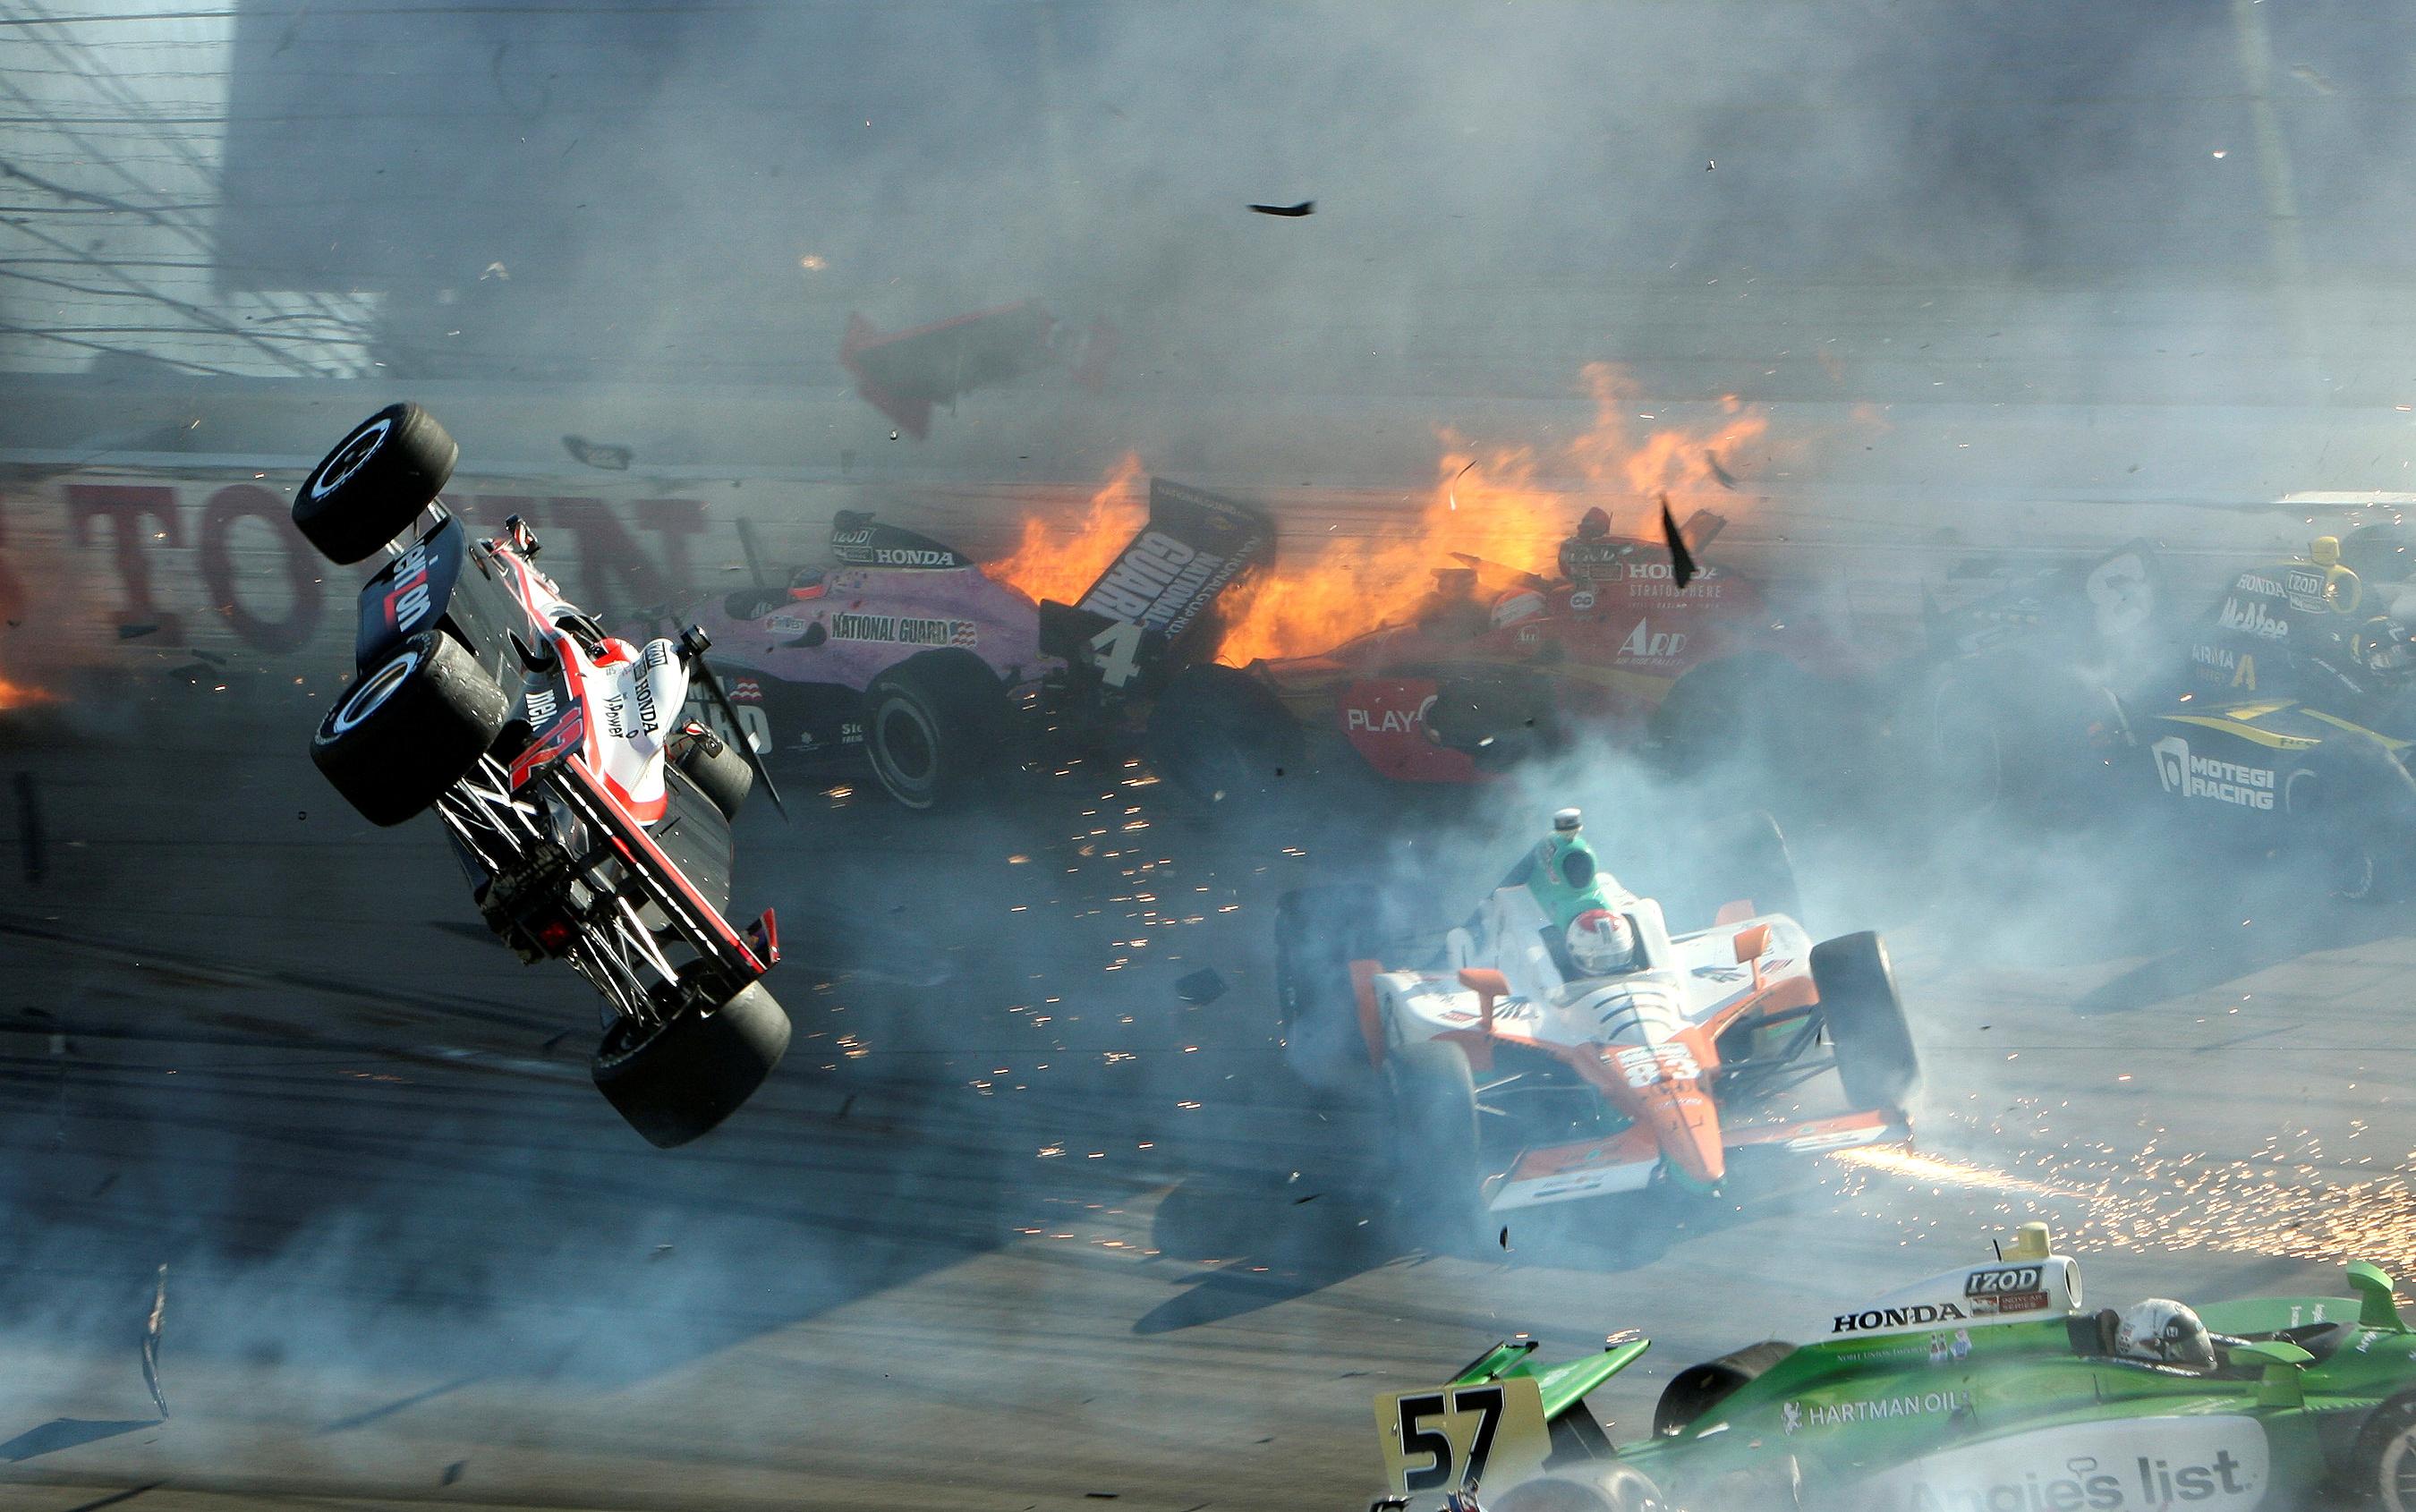 El auto de carreras del piloto Will Power (L) se desplaza por el aire durante la carrera del Campeonato Mundial IZOD IndyCar en el Las Vegas Motor Speedway de Nevada, EE.UU., el 16 de octubre de 2011 (REUTERS/Barry Ambrose)